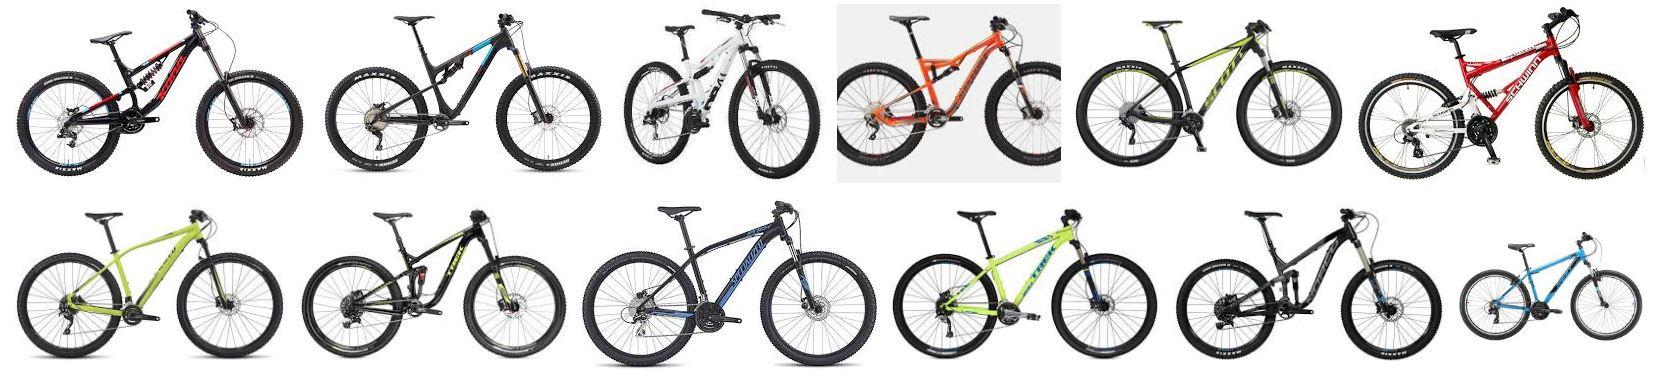 Basic Bikes